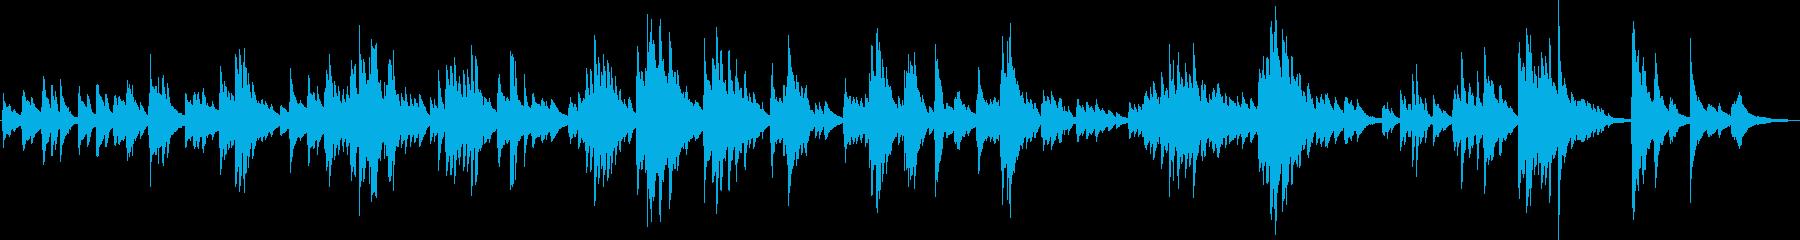 寄り添うような優しいピアノ曲の再生済みの波形